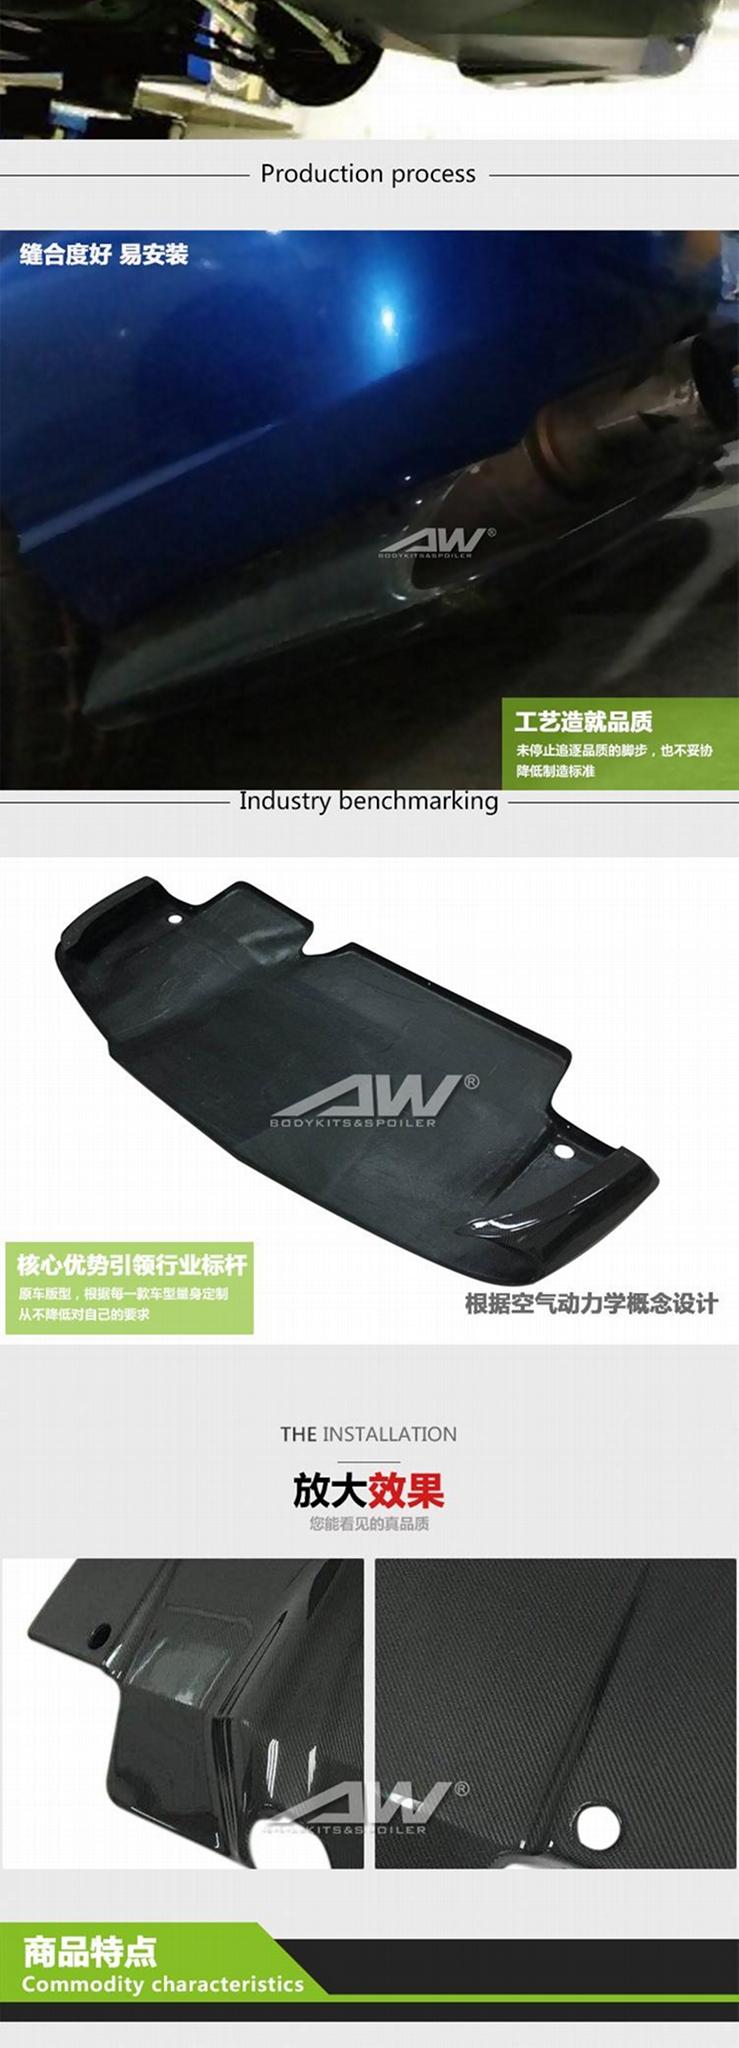 Subaru Impreza 8/9  carbon fibre Rear bumper  bumper lip  Car modification 4